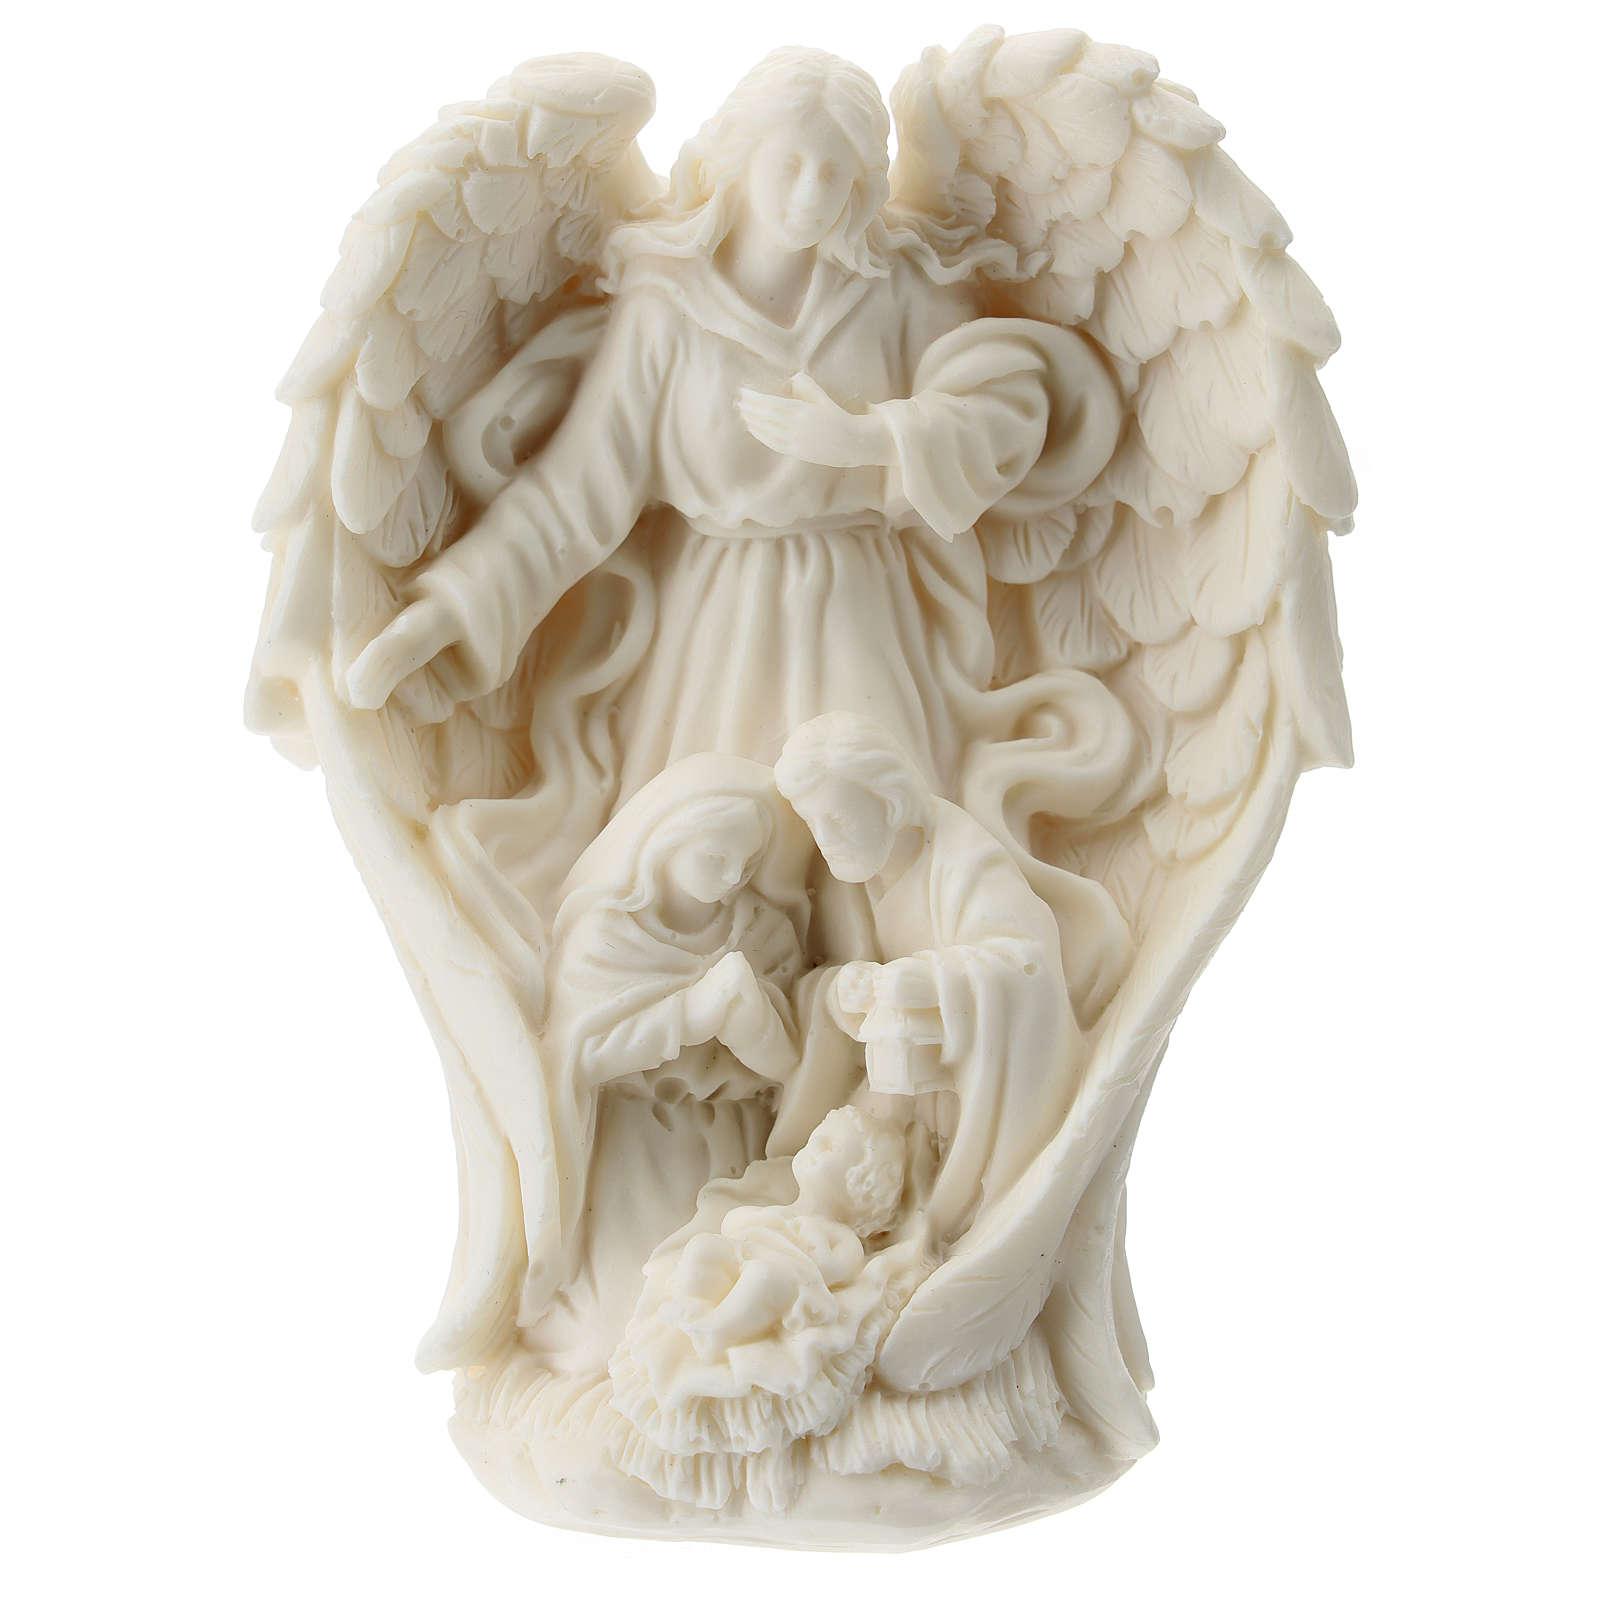 Natività con Angelo resina bianca 10 cm 3